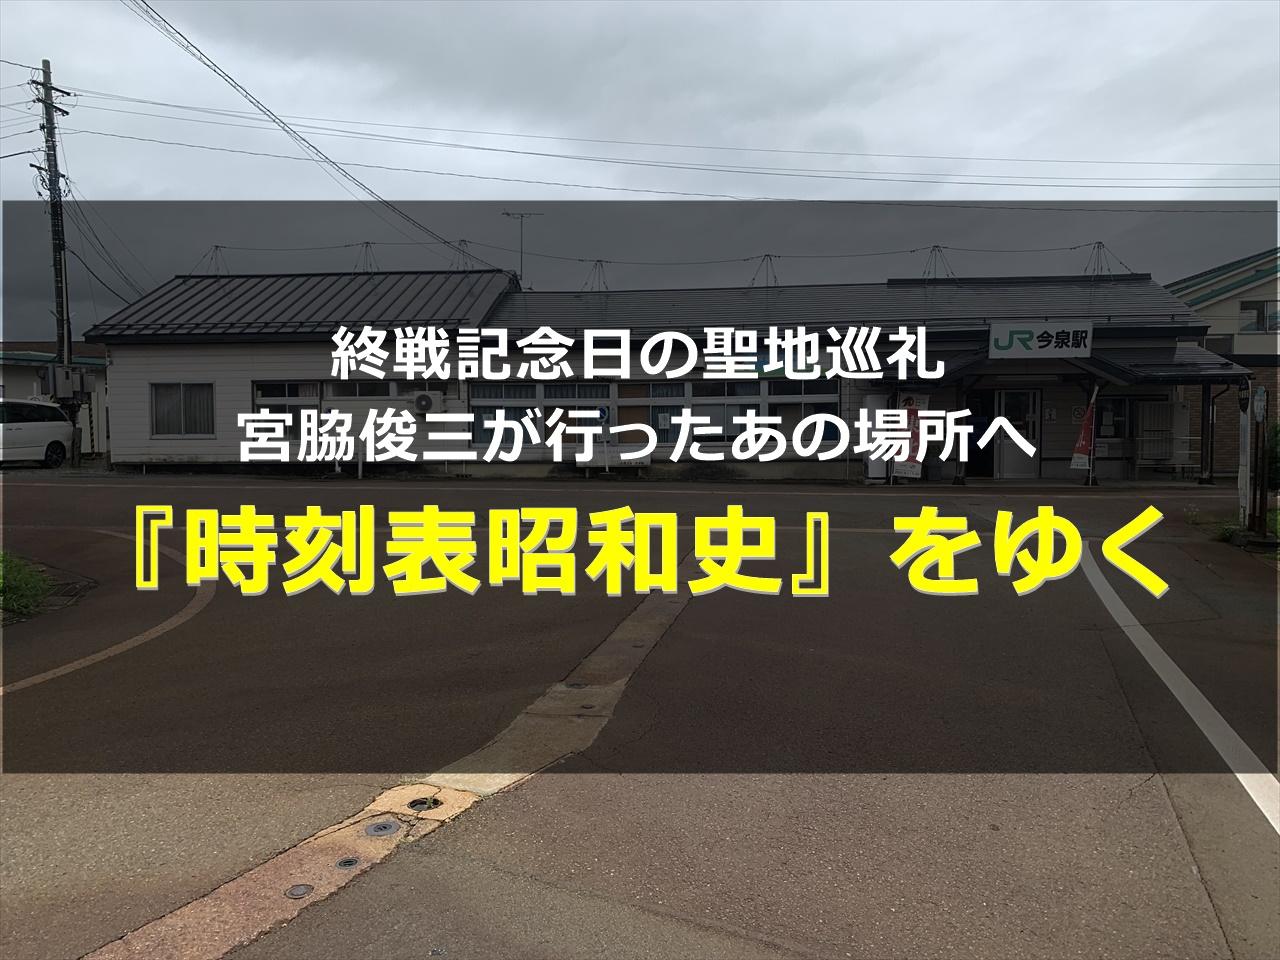 宮脇俊三時刻表昭和史の今泉駅